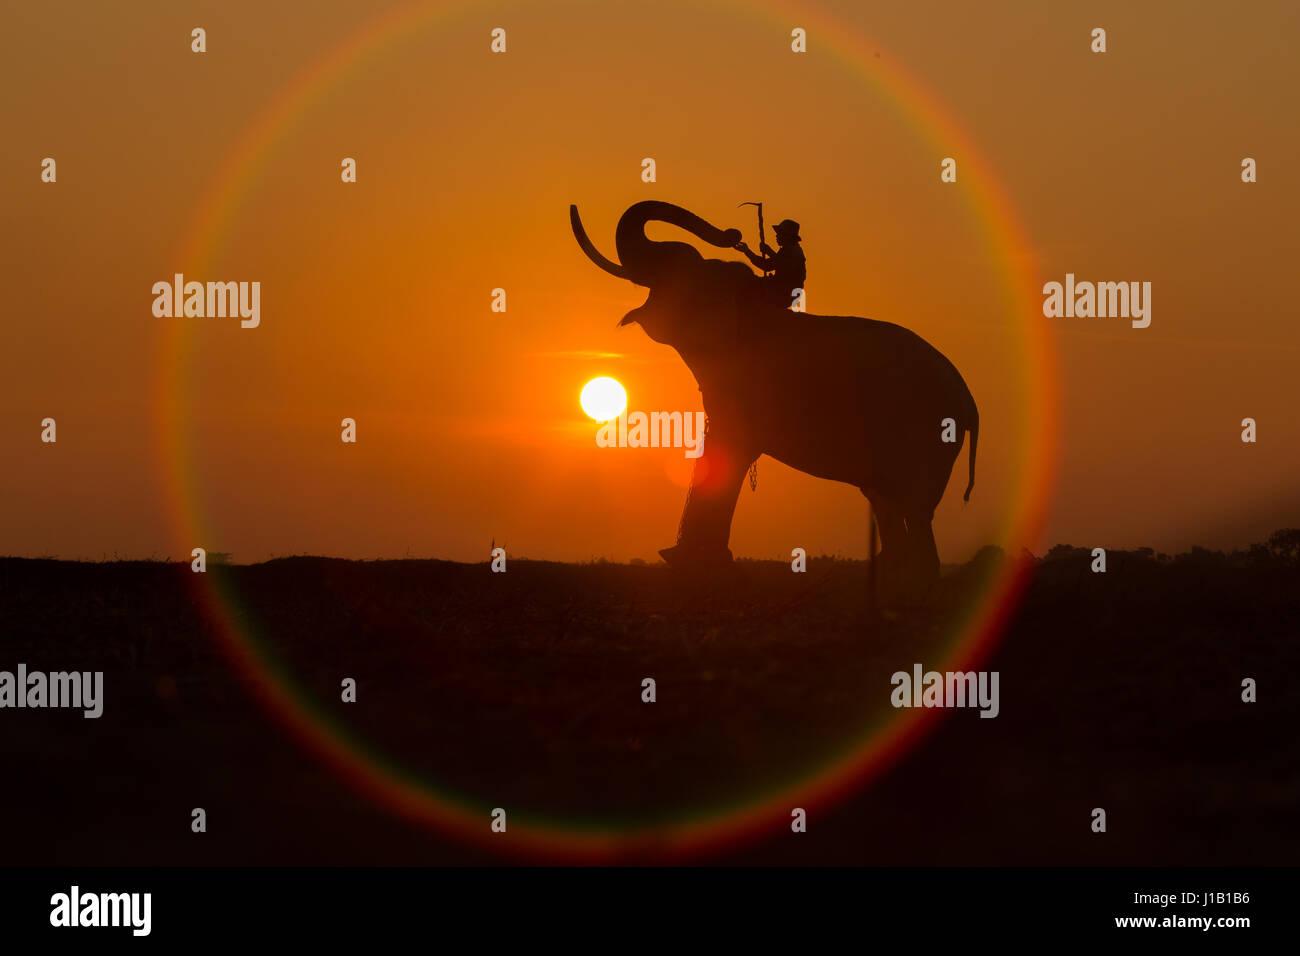 Silhouette éléphant dans le cercle du soleil. C'est un mode de vie en Thaïlande. Photo Stock